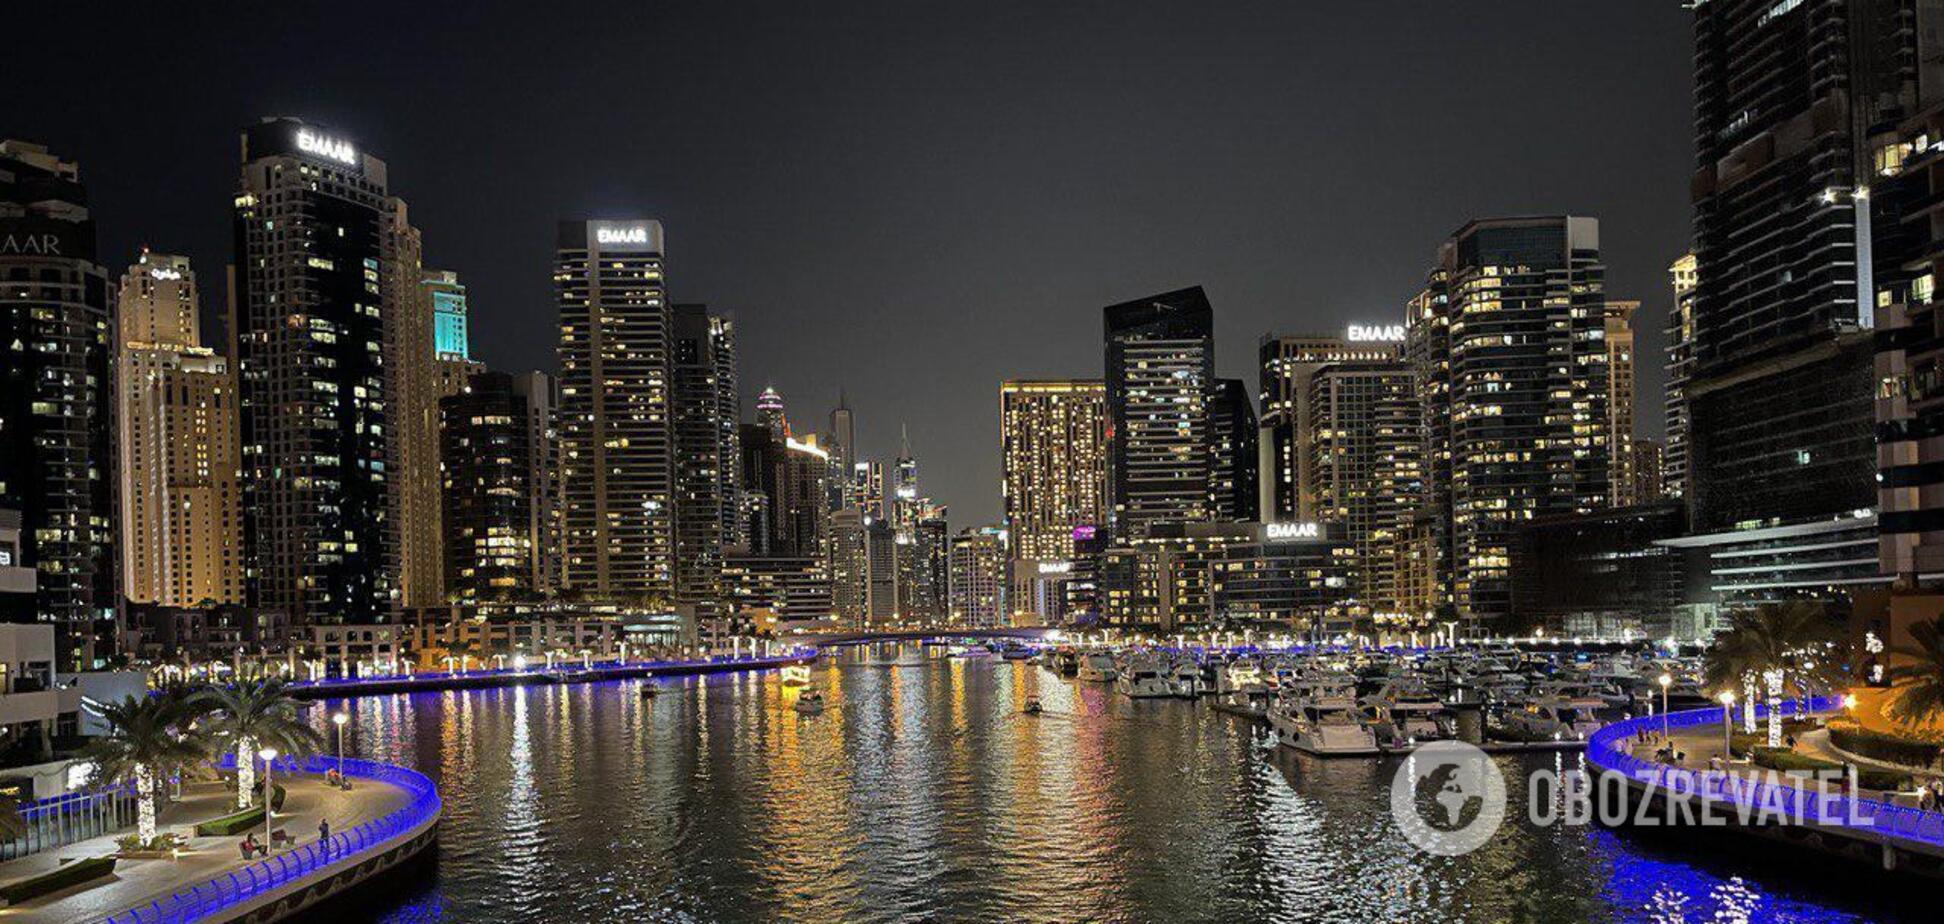 Путешествие в Дубай: правила, цены, что посмотреть